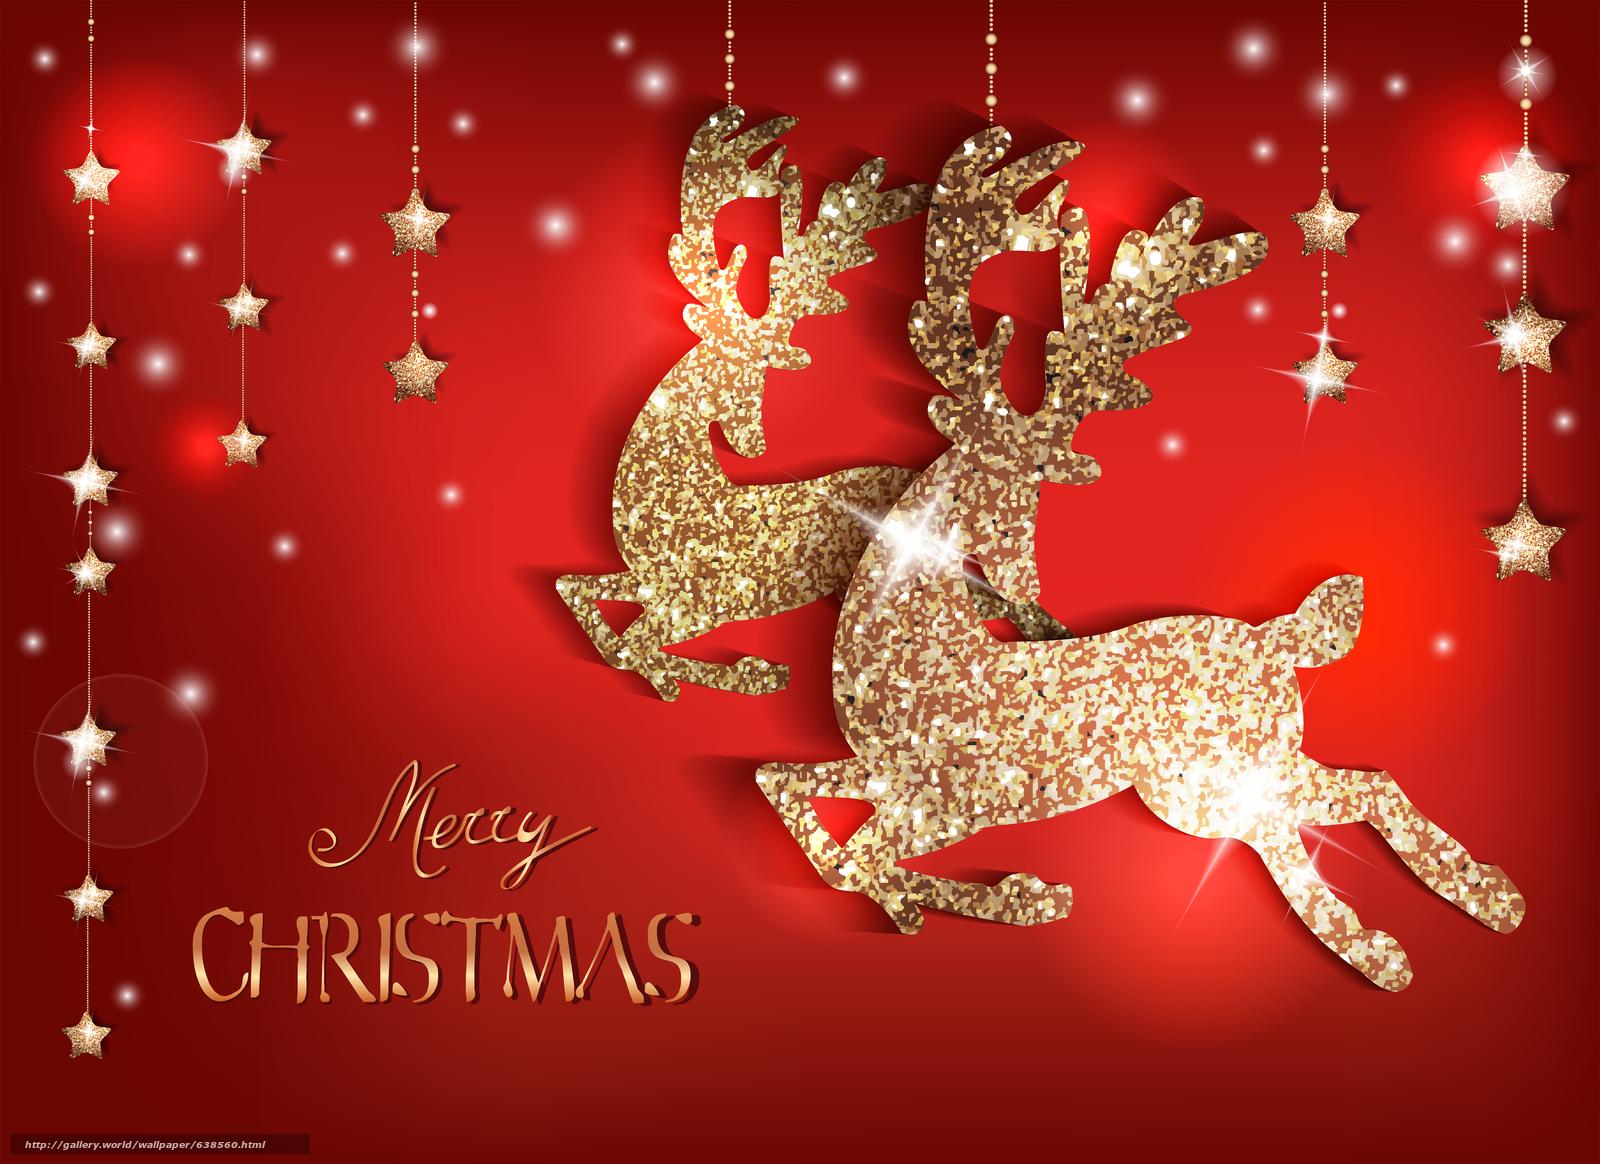 Frohe Weihnachten Download.Download Hintergrund Frohe Weihnachten Christmas Wallpaper Hirsch